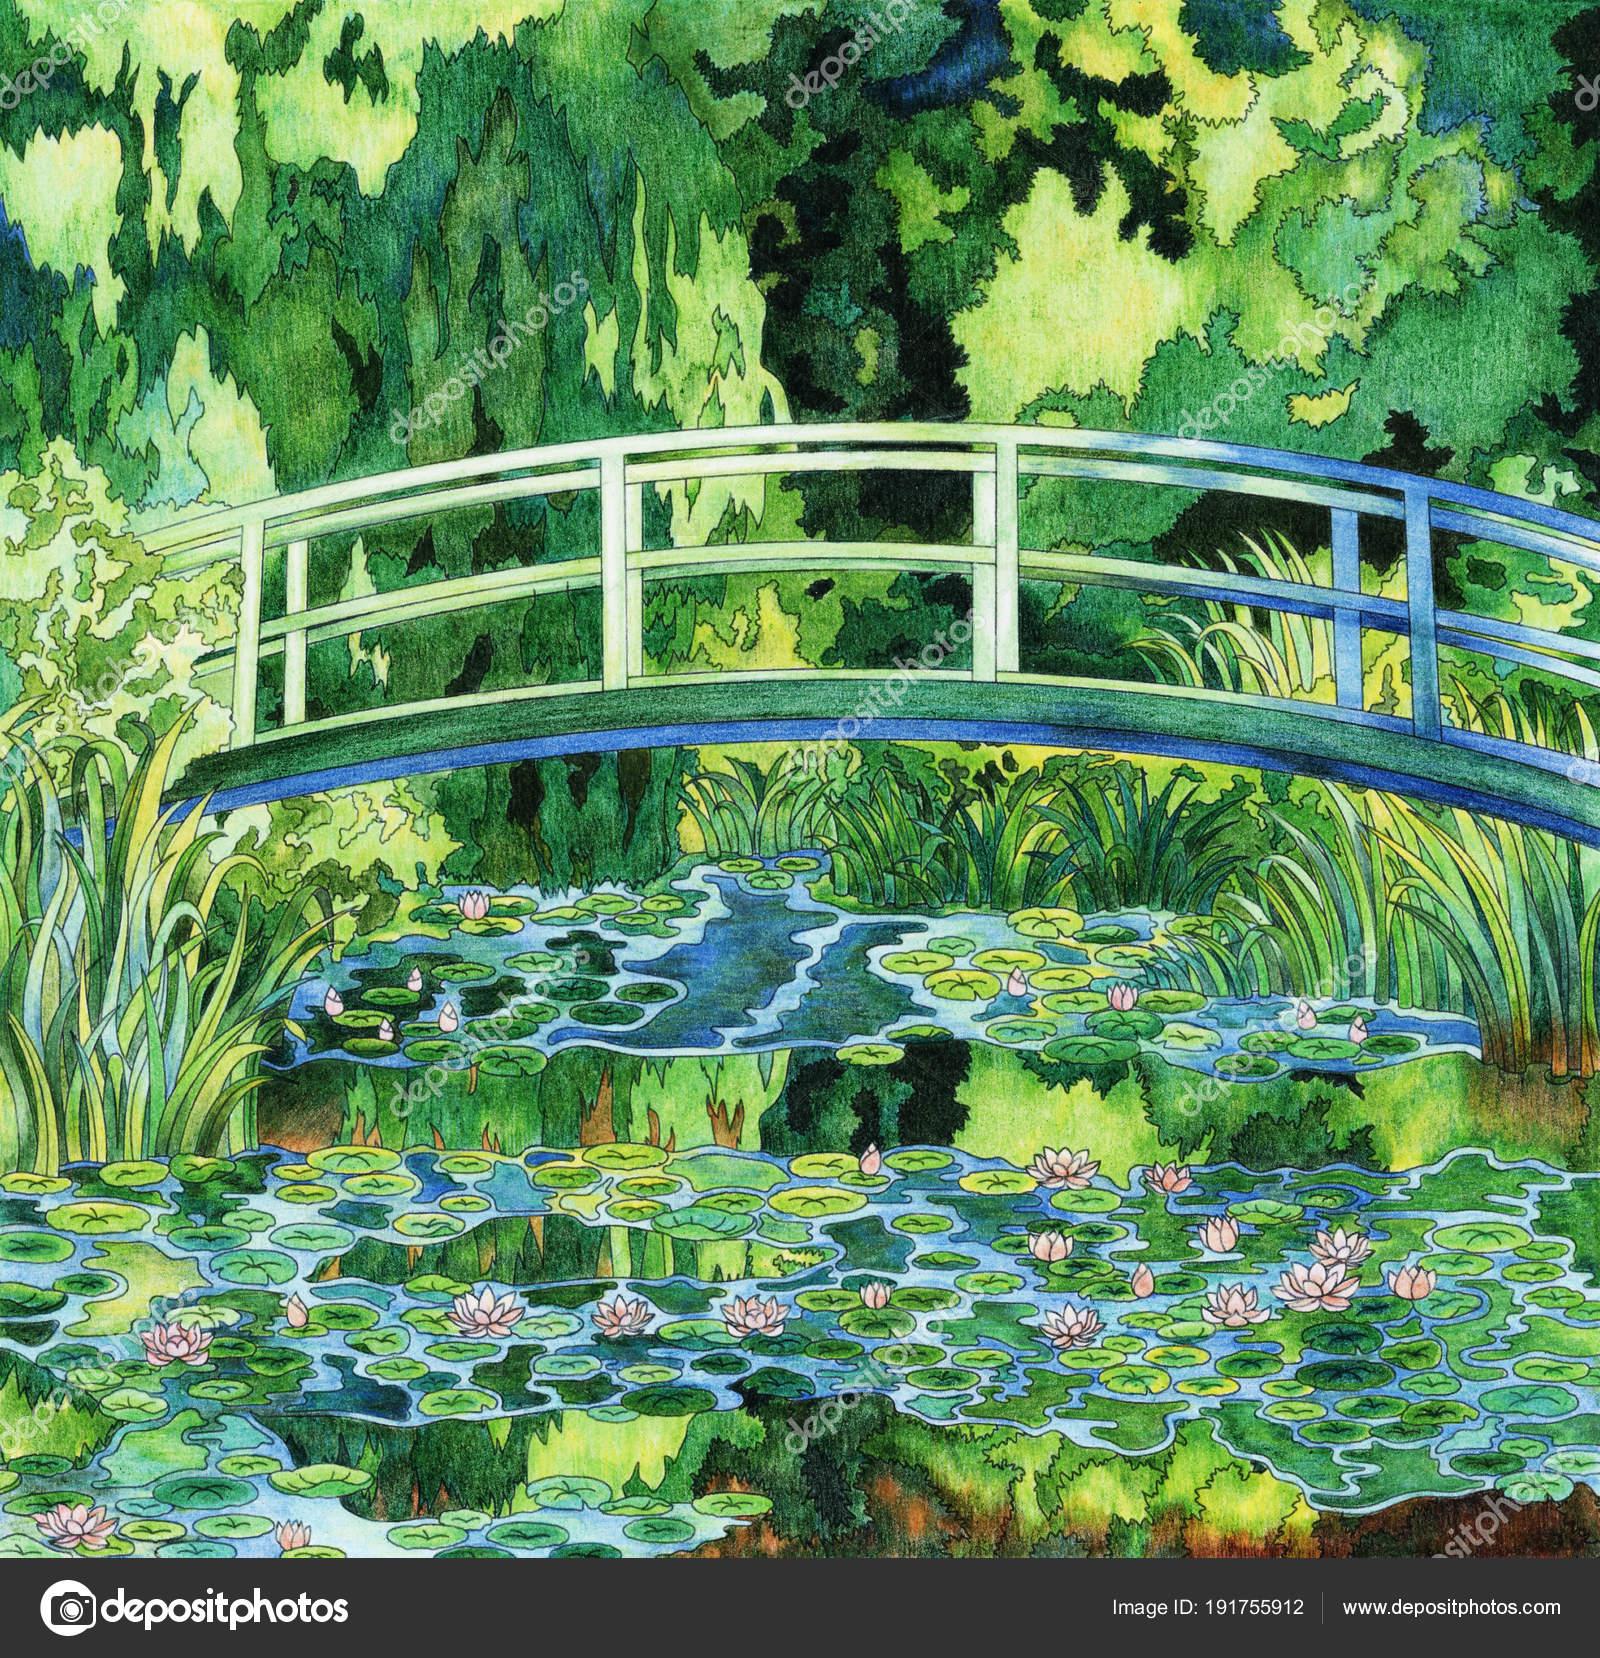 Kleurplaten Waterlelies.Monet Waterlelie Volwassen Kleurplaat Stockfoto C Rawpixel 191755912